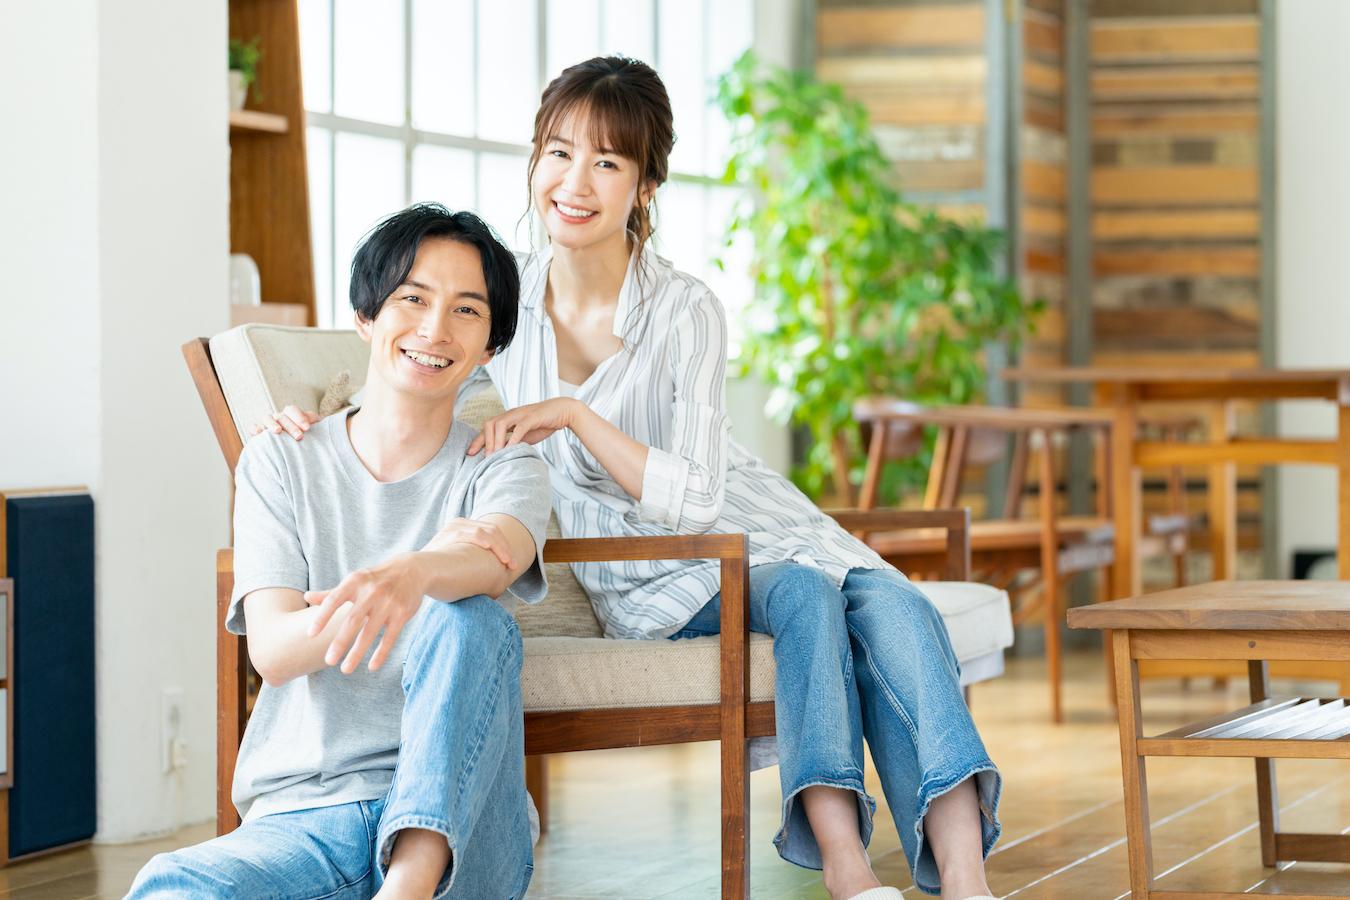 「婚前契約」は日本でも浸透する?二人の未来を考える動機付けにも!